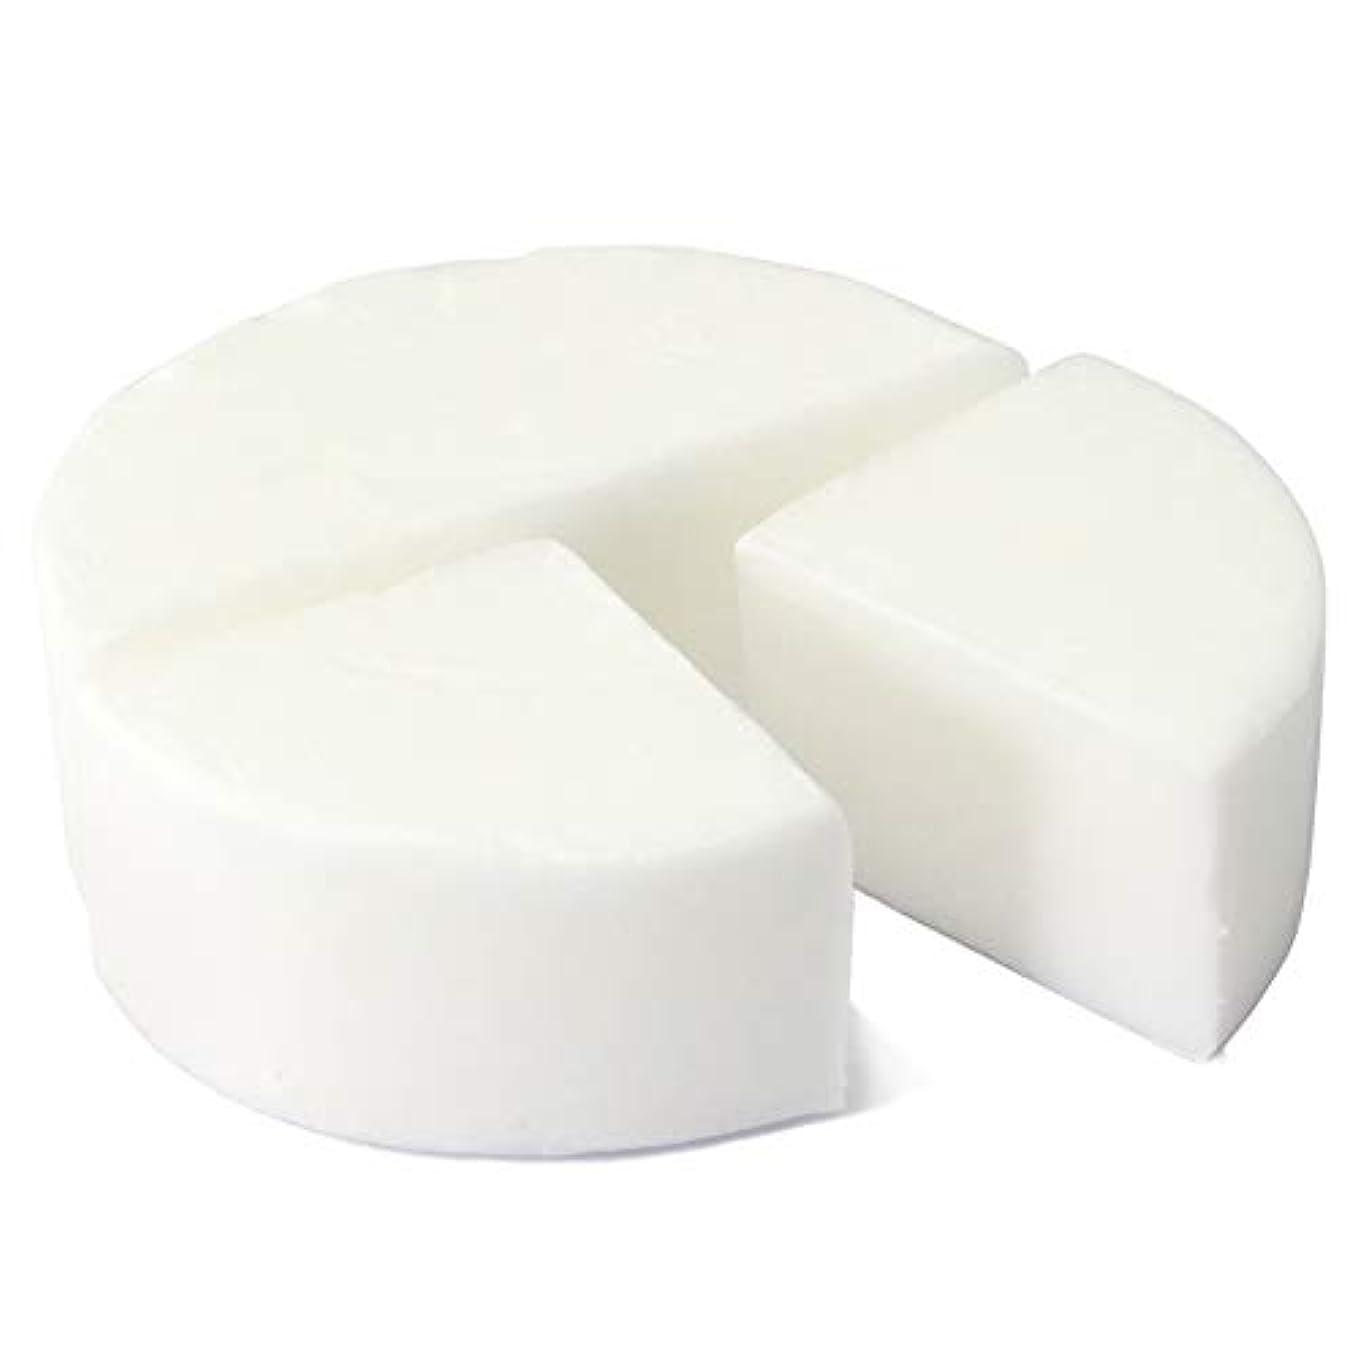 含めるいたずらな近くグリセリン クリアソープ 色チップ 白 100g (MPソープ)